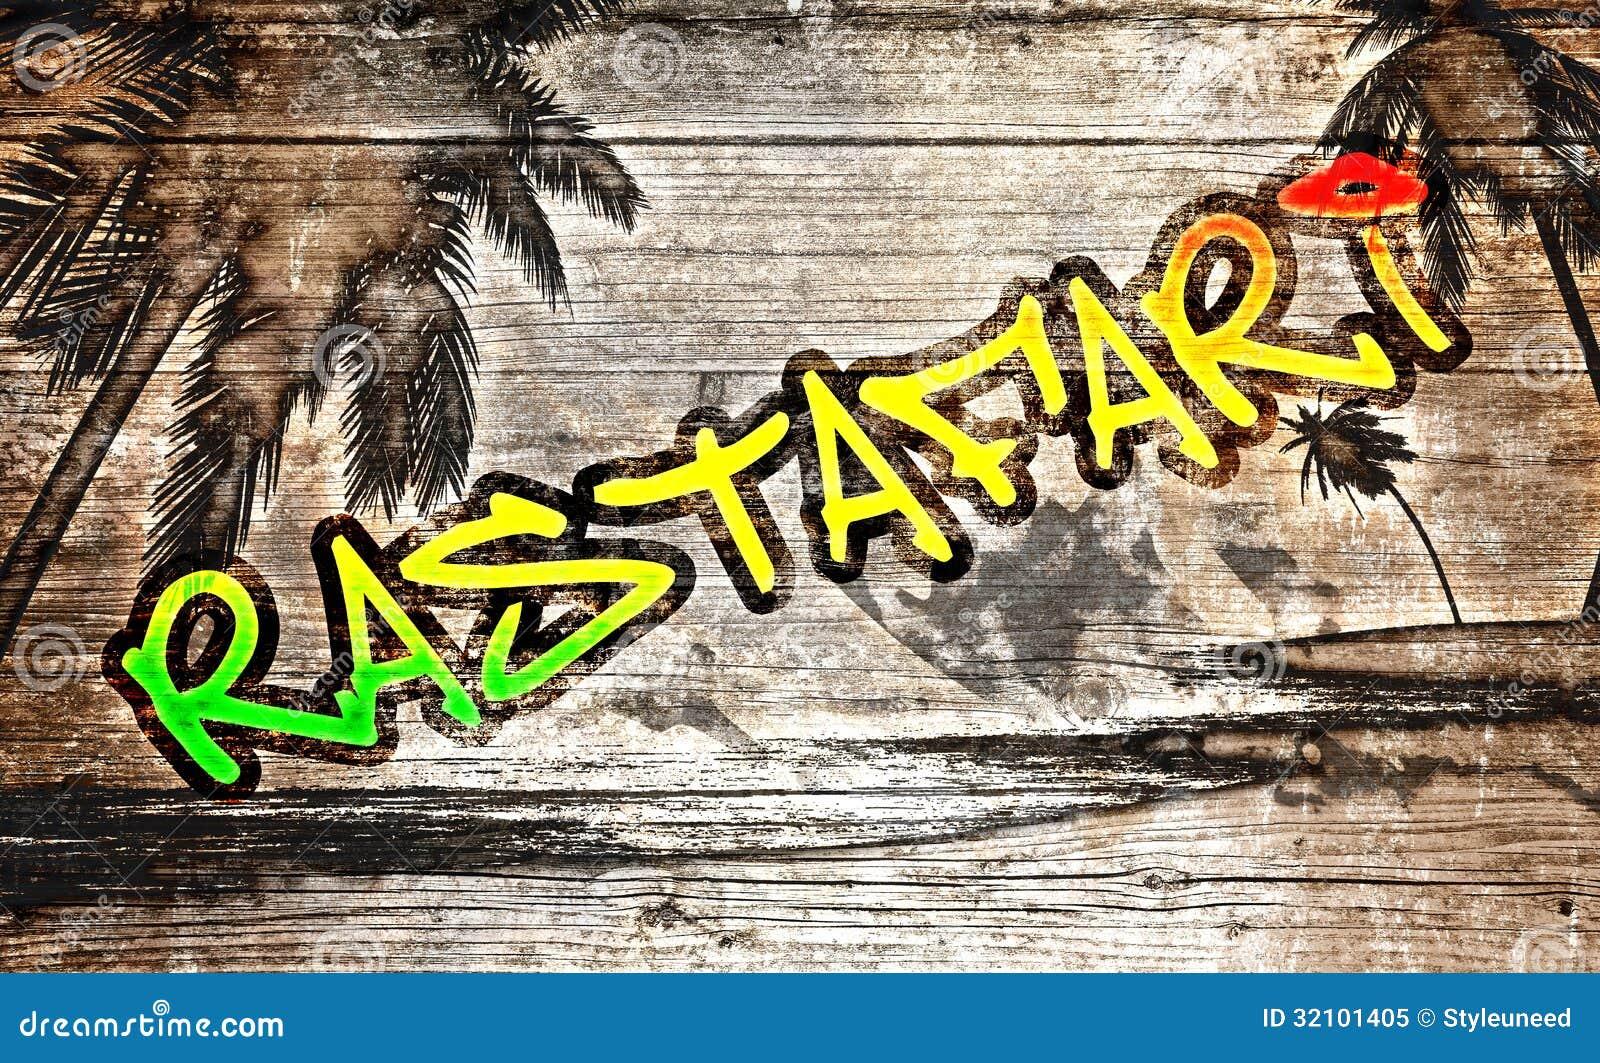 Rastafari graffiti download preview